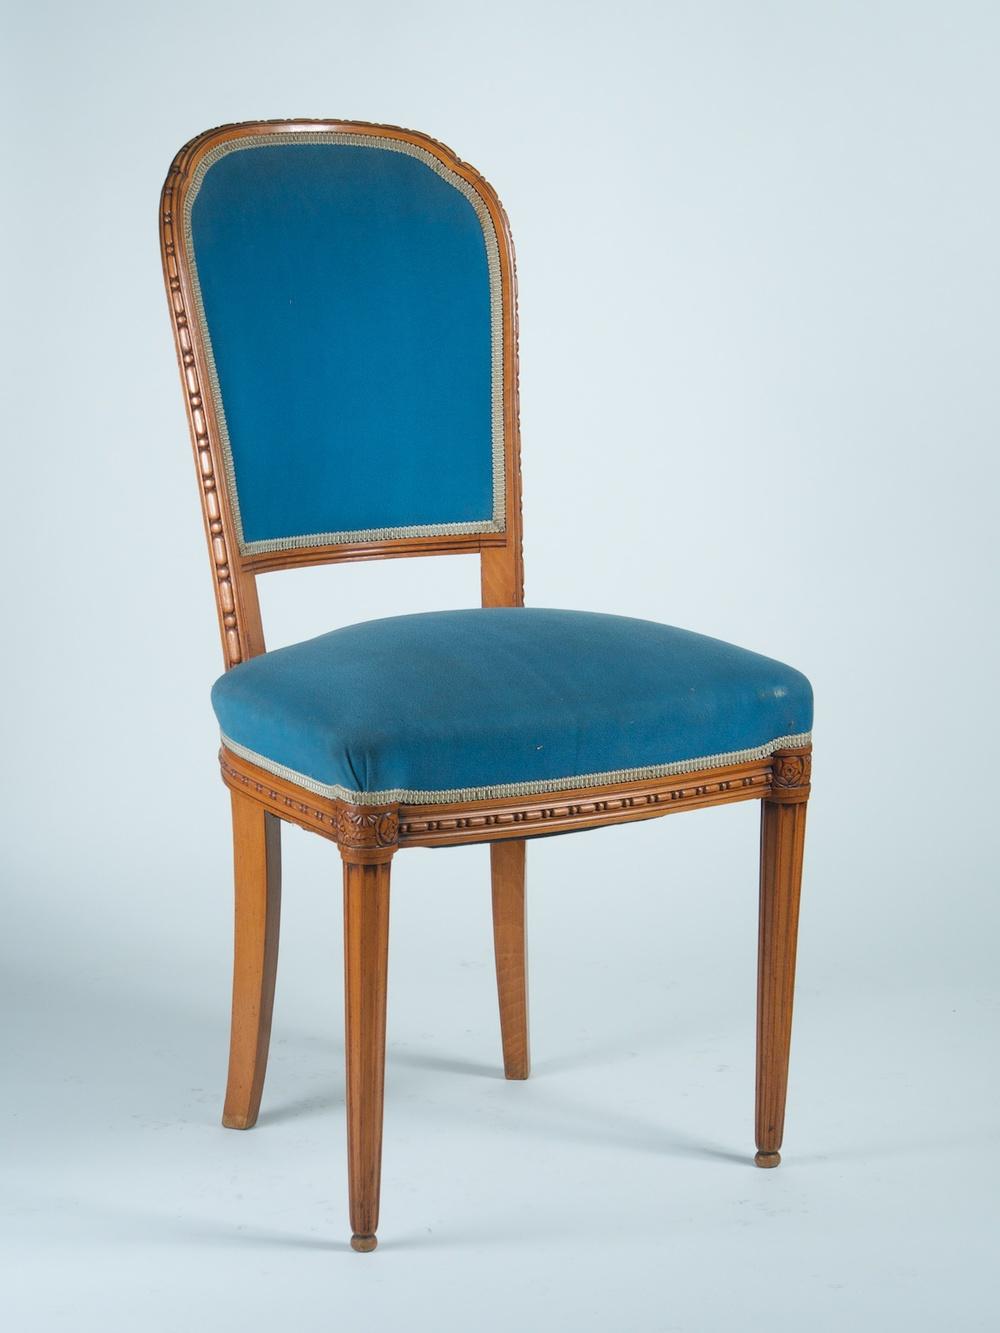 PaulFollot+single+chair+1172.jpg